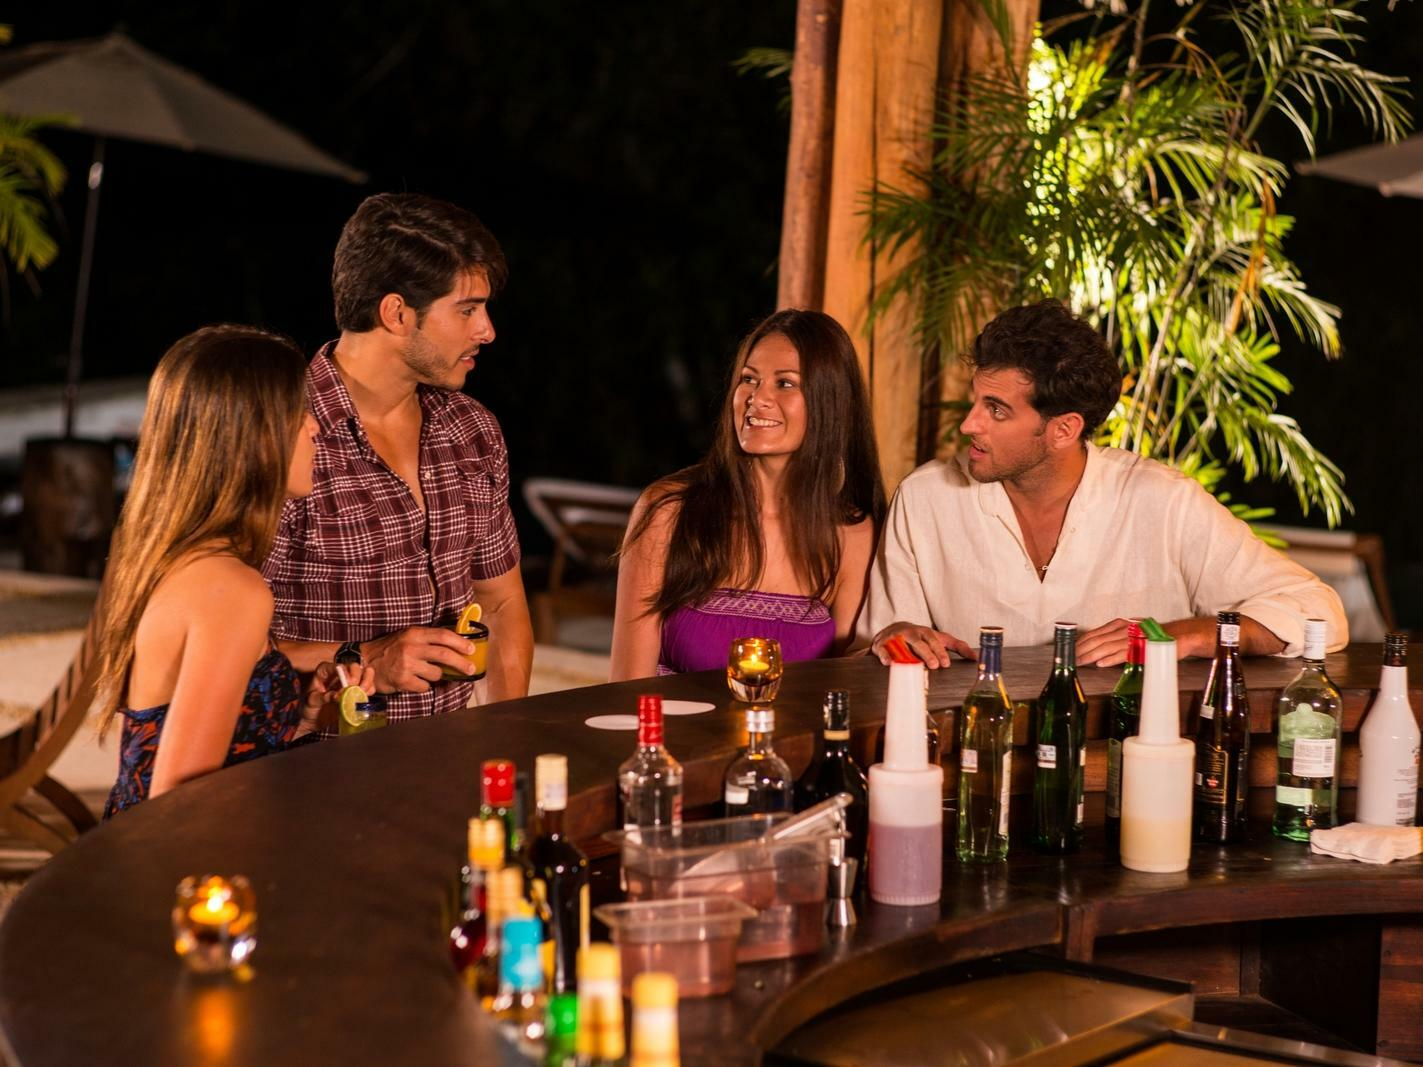 two couples conversing at bar